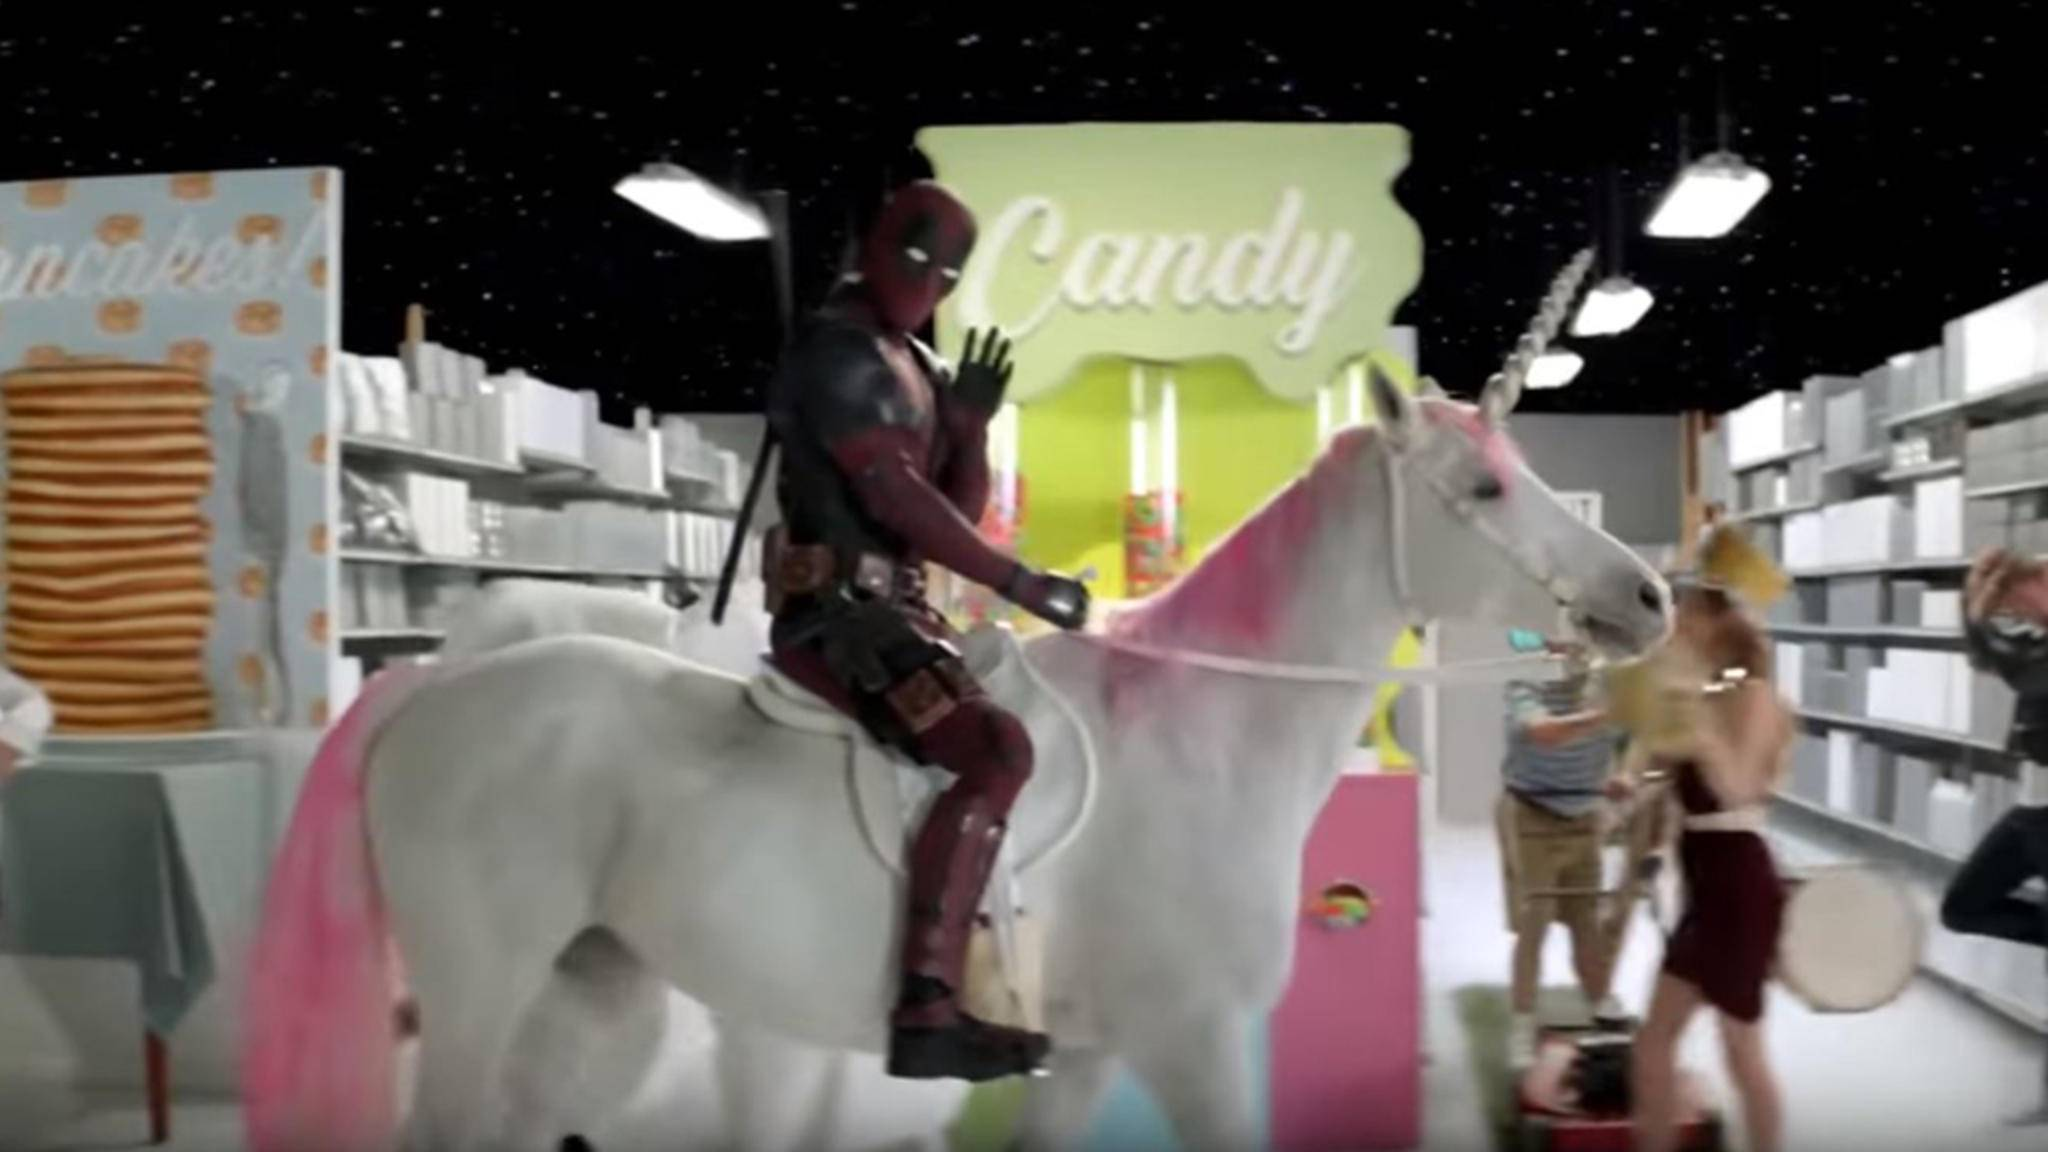 Deadpool ist bekannt für seine Vorliebe für Einhörner, Chimichangas und Crocs.